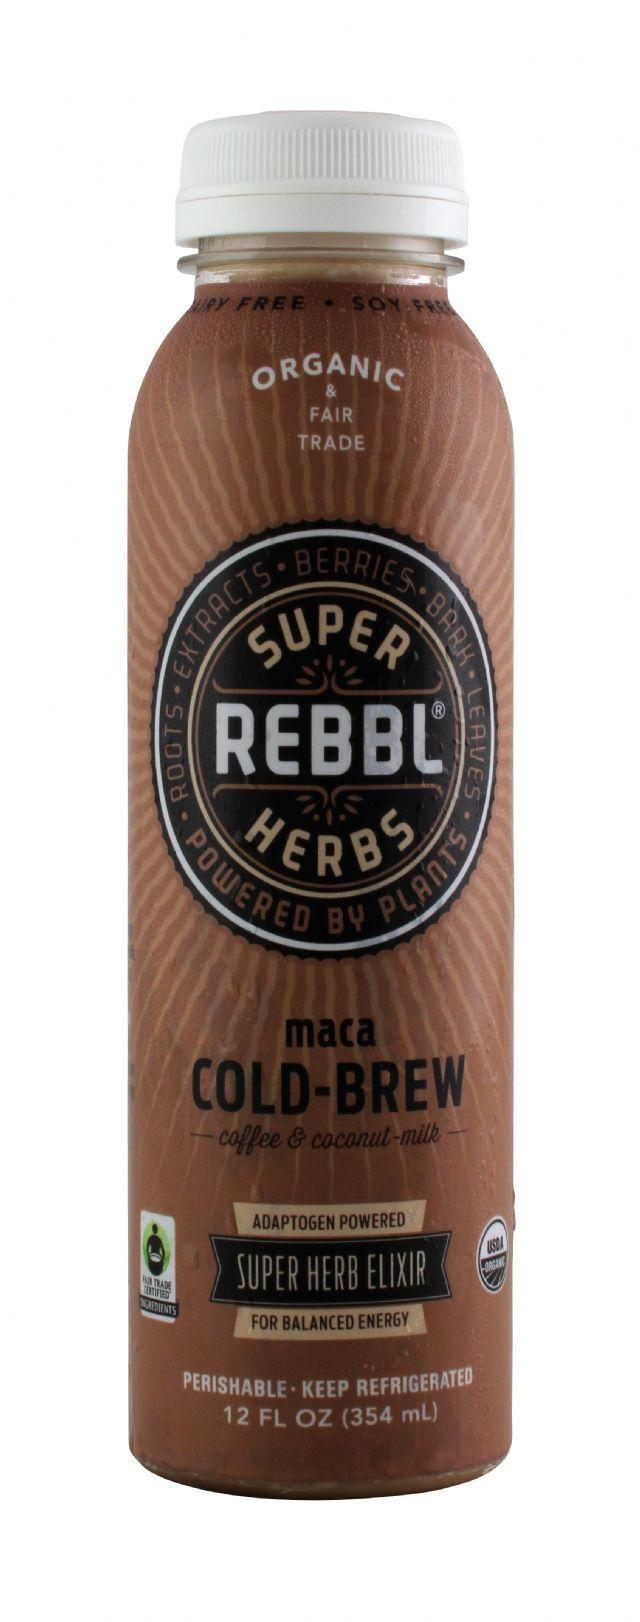 REBBL : SuperRebbl MacaBrew Front